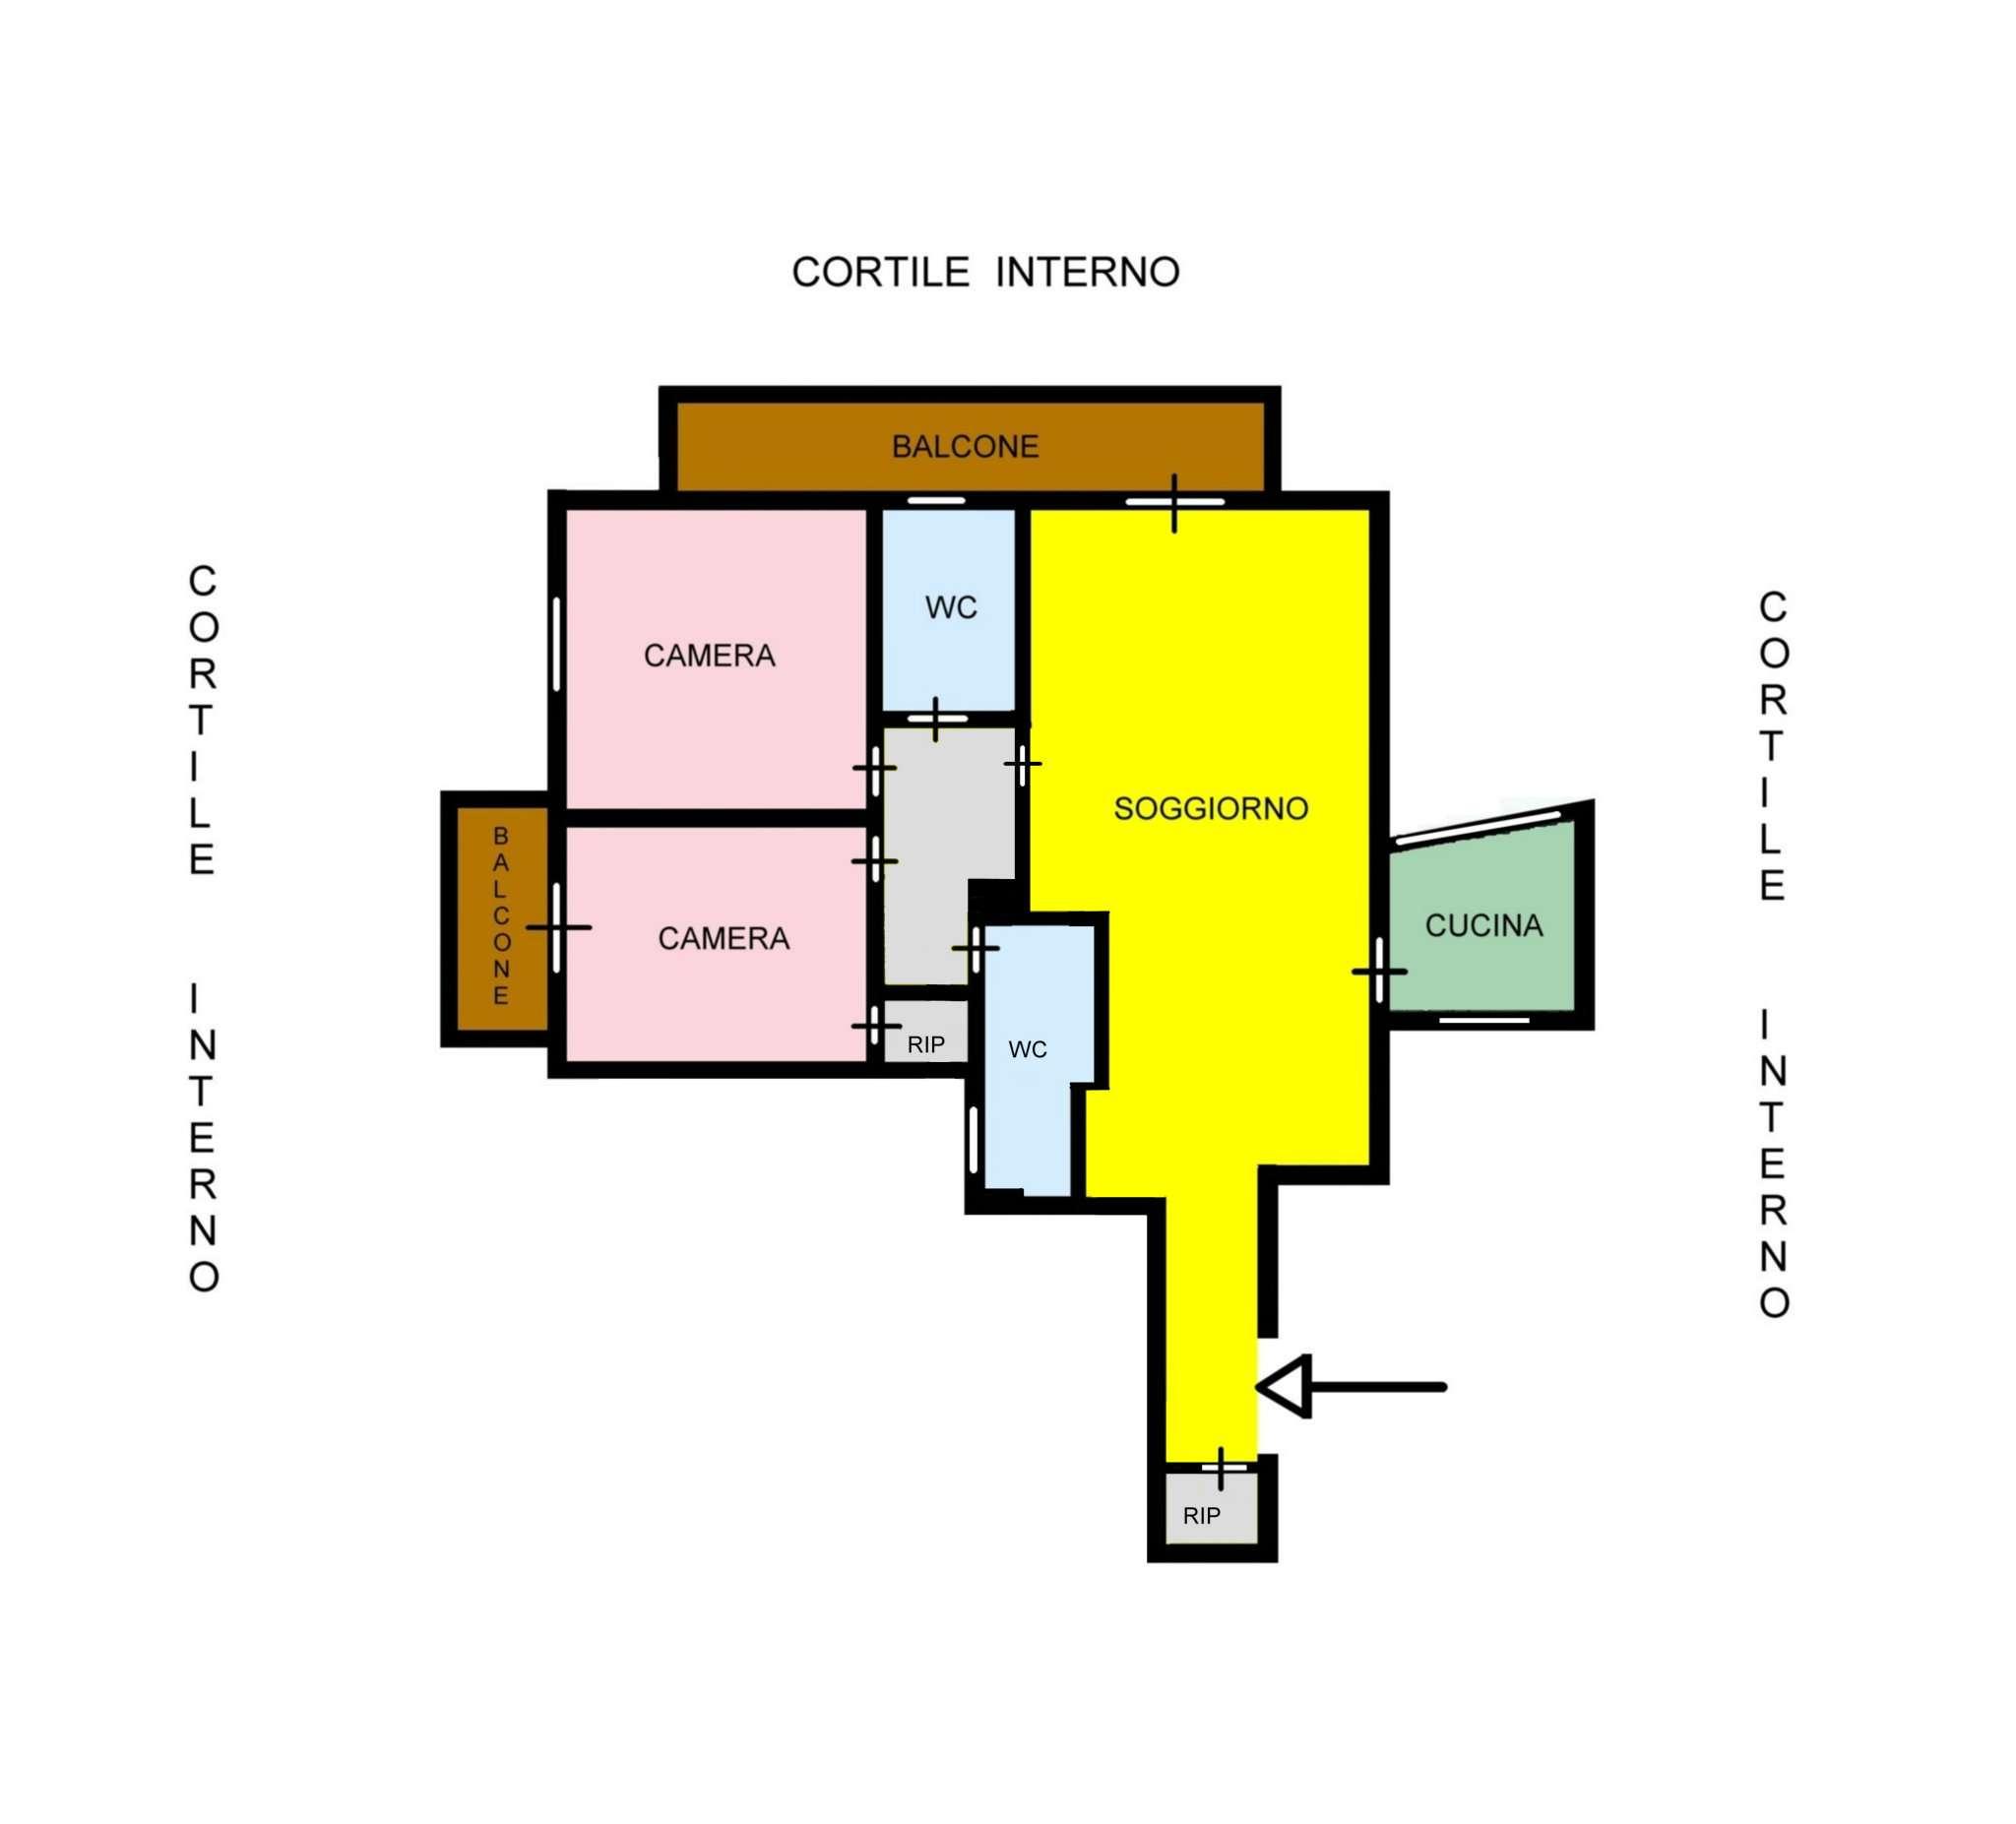 Appartamento in Vendita a Palermo: 4 locali, 105 mq